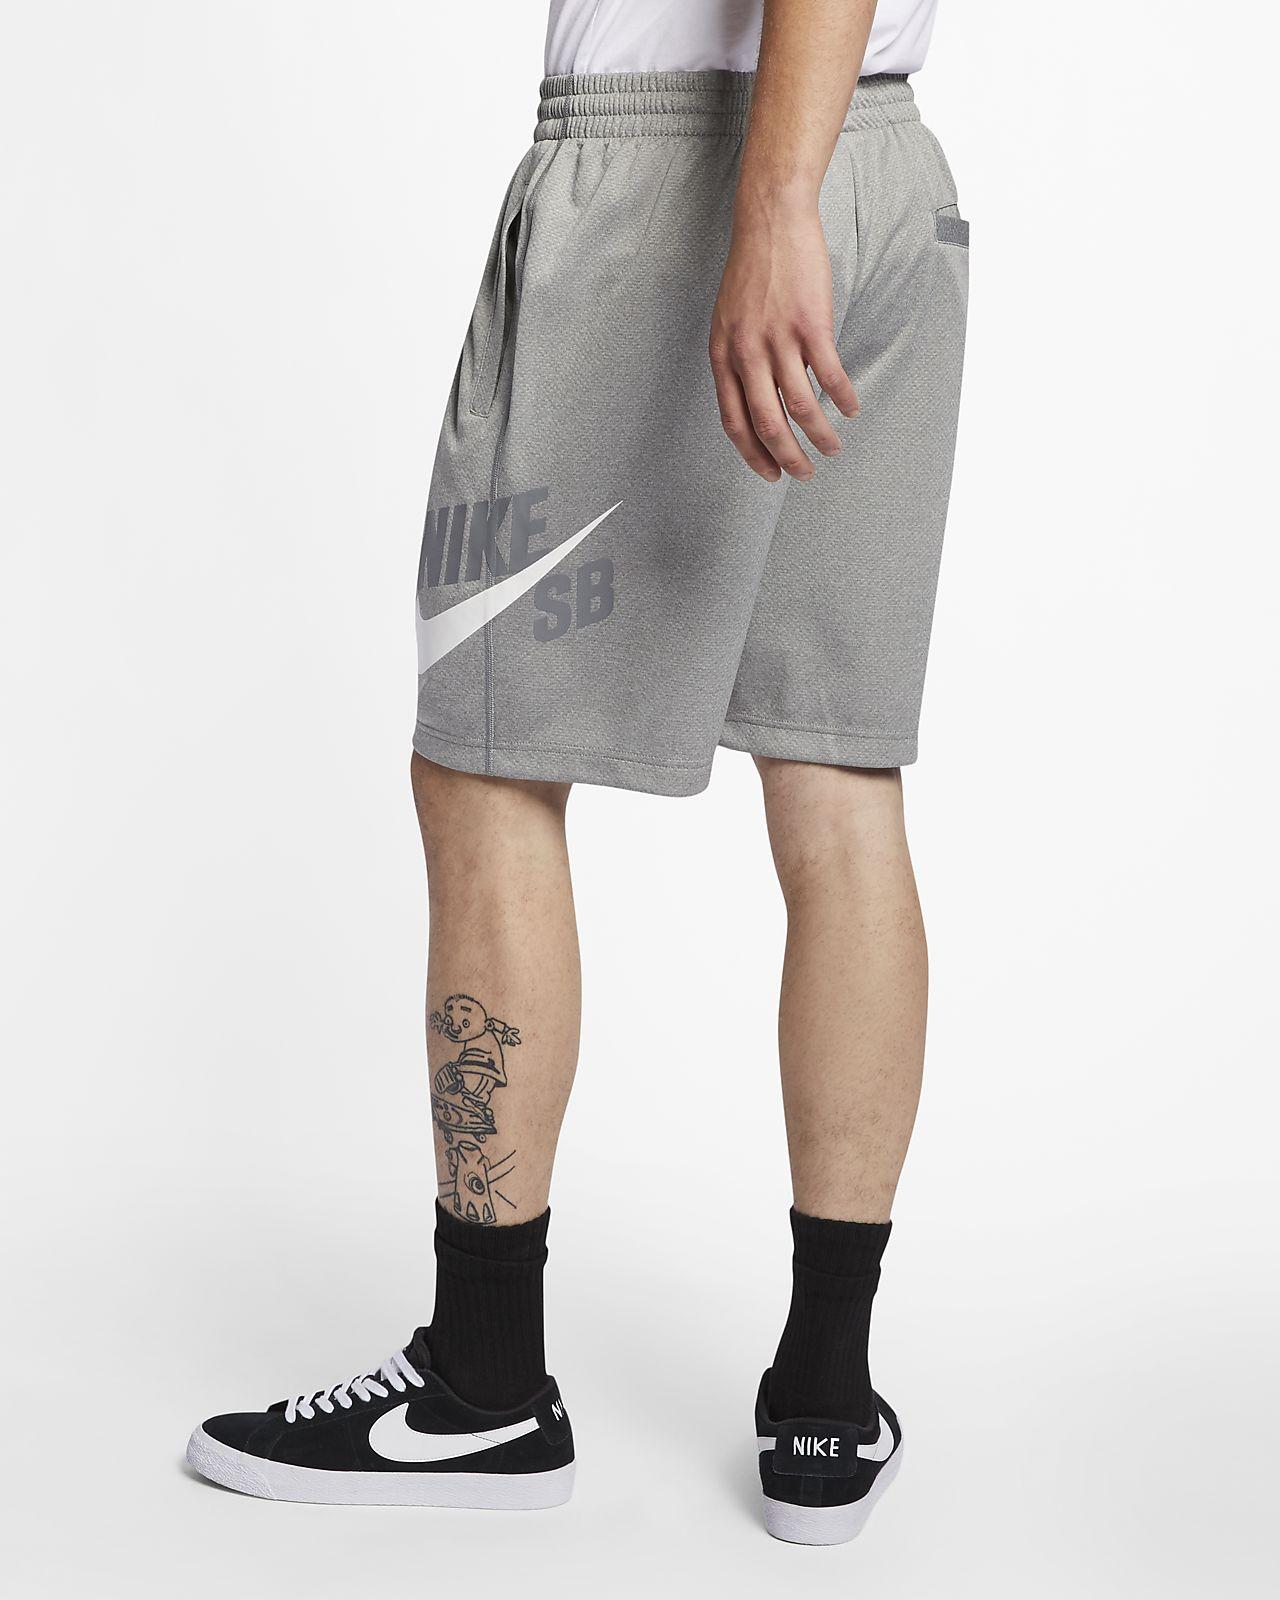 Homme Skateboard Nike Short Fit Sunday Dri Pour De Sb yv8wOmNn0